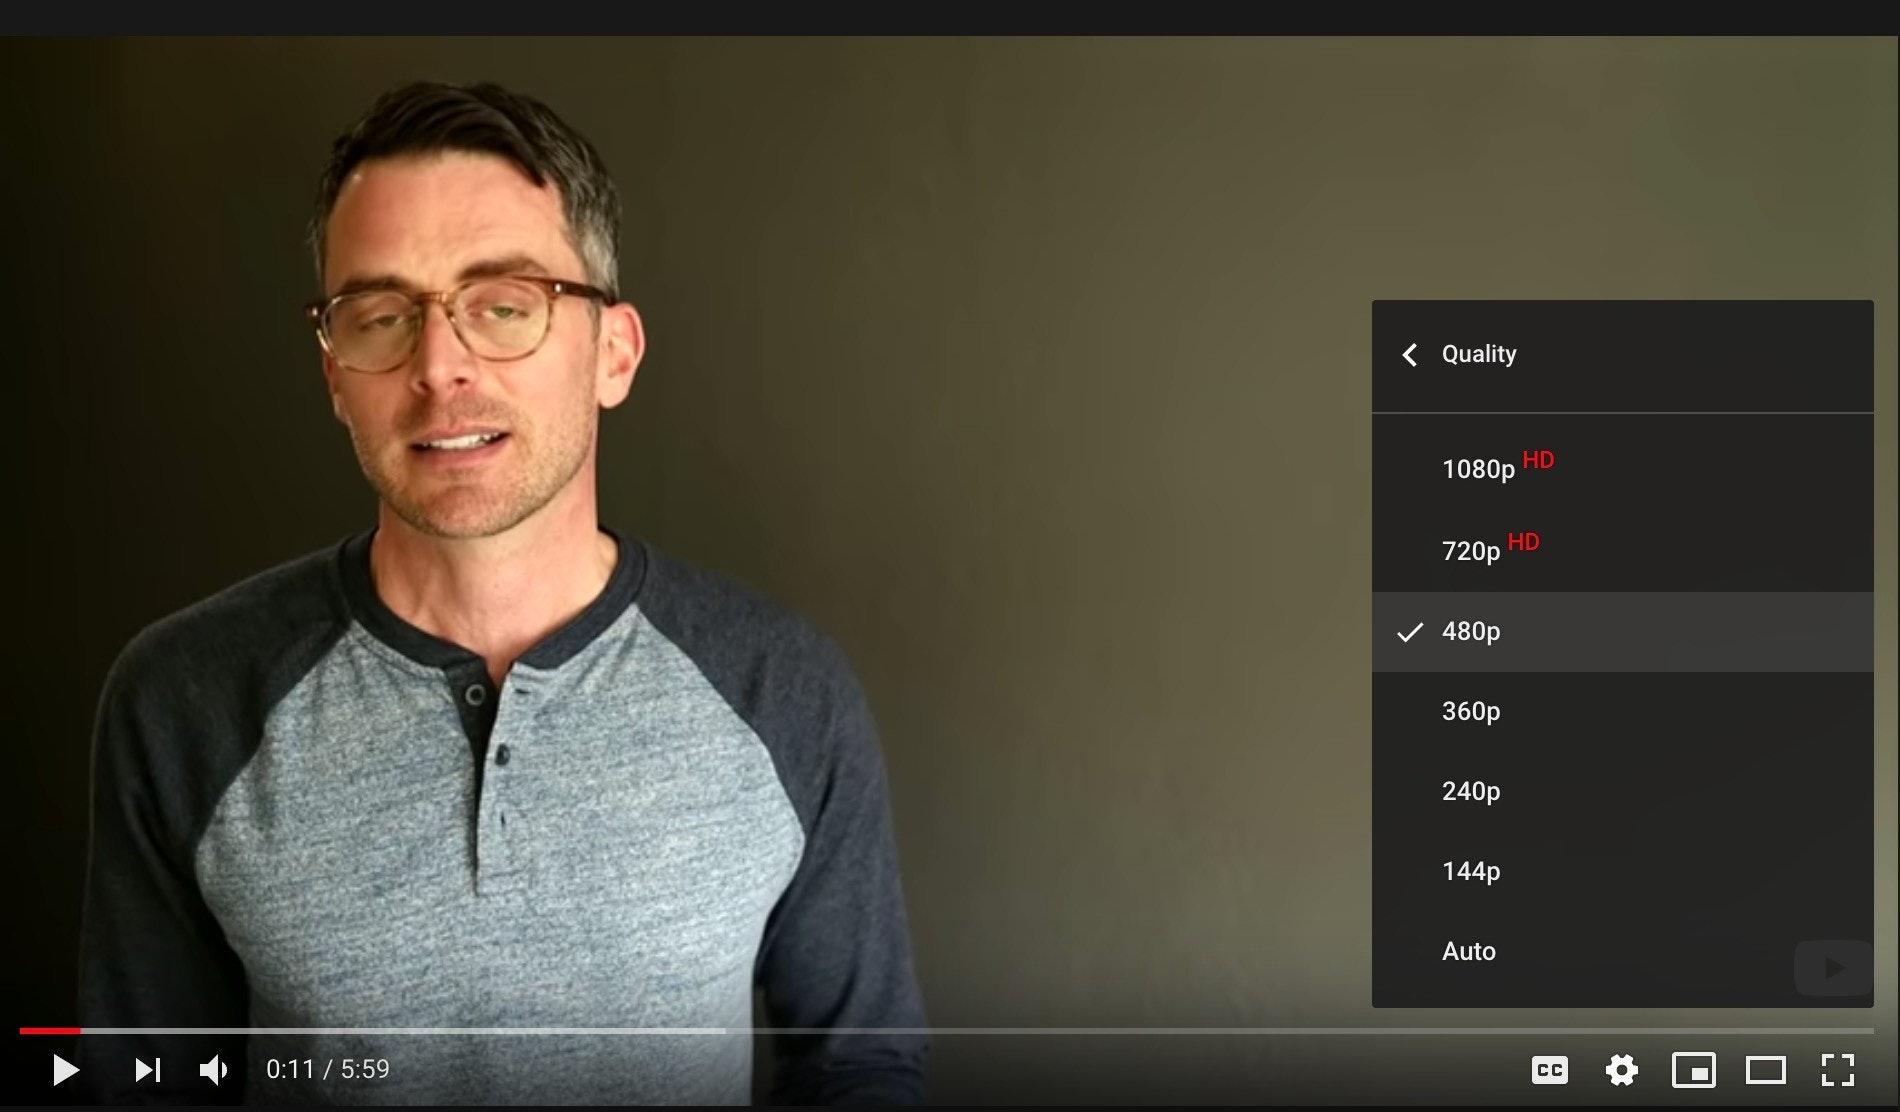 照片中提到了< Quality、HD、1080p,包含了眼鏡、眼鏡、儀表、電子產品